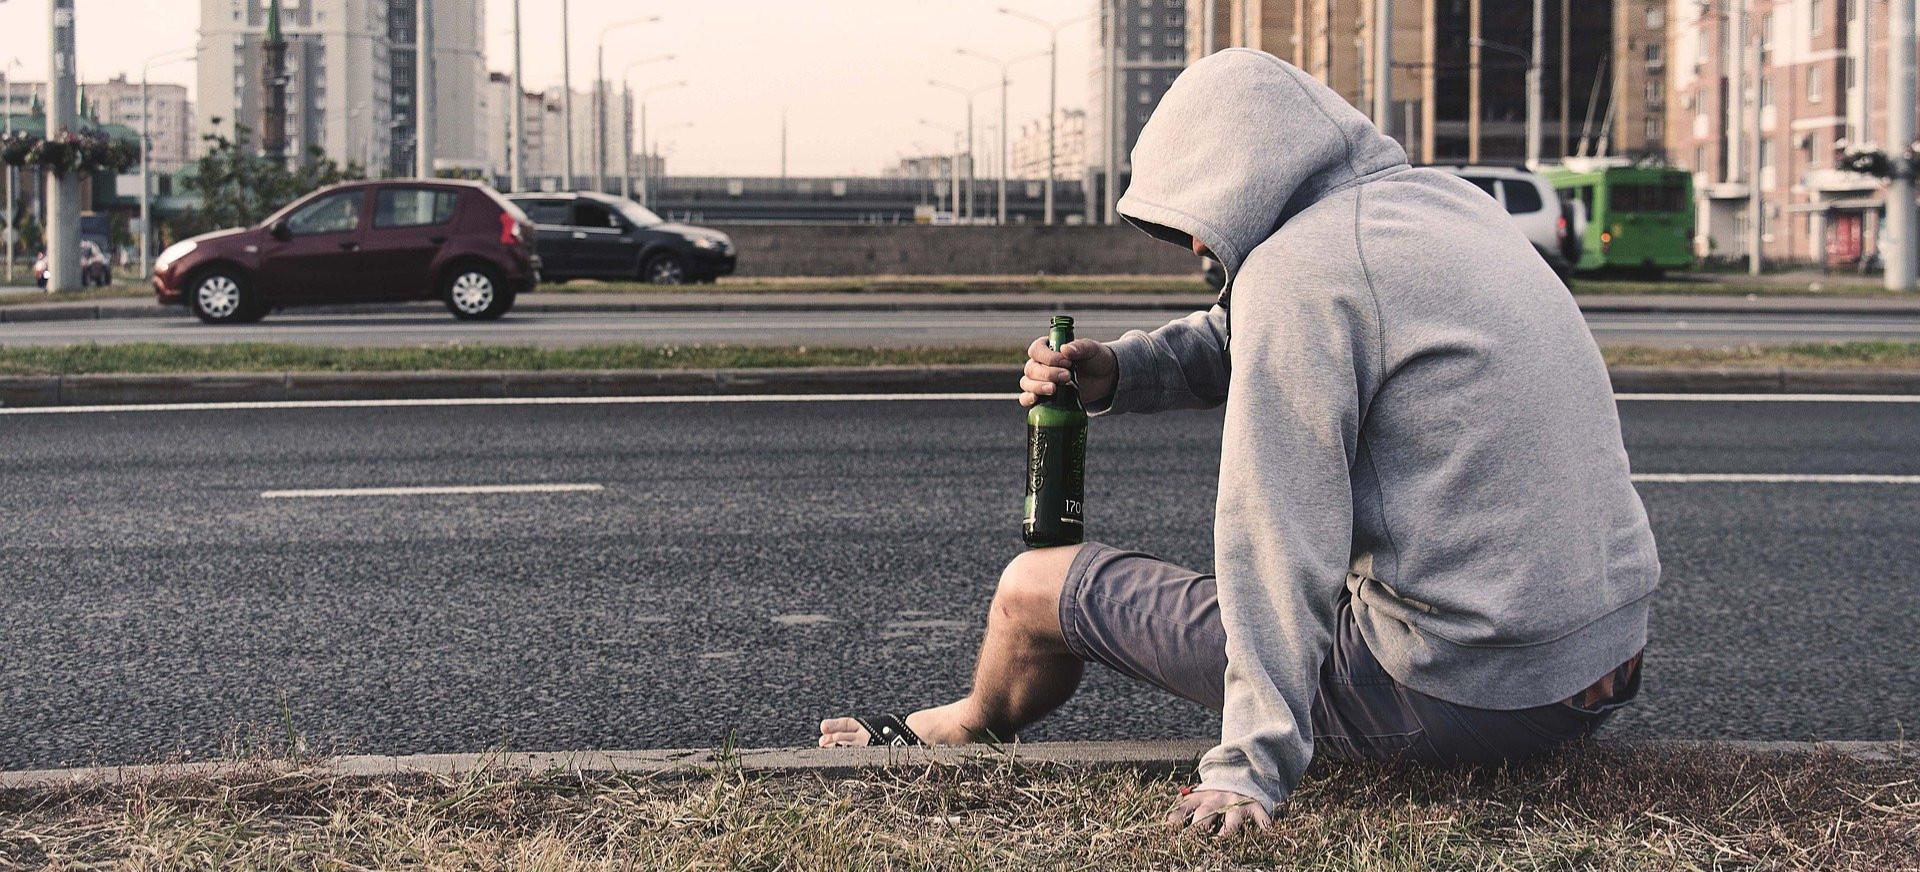 52-latek złamał obowiązek izolacji i poszedł kupić alkohol